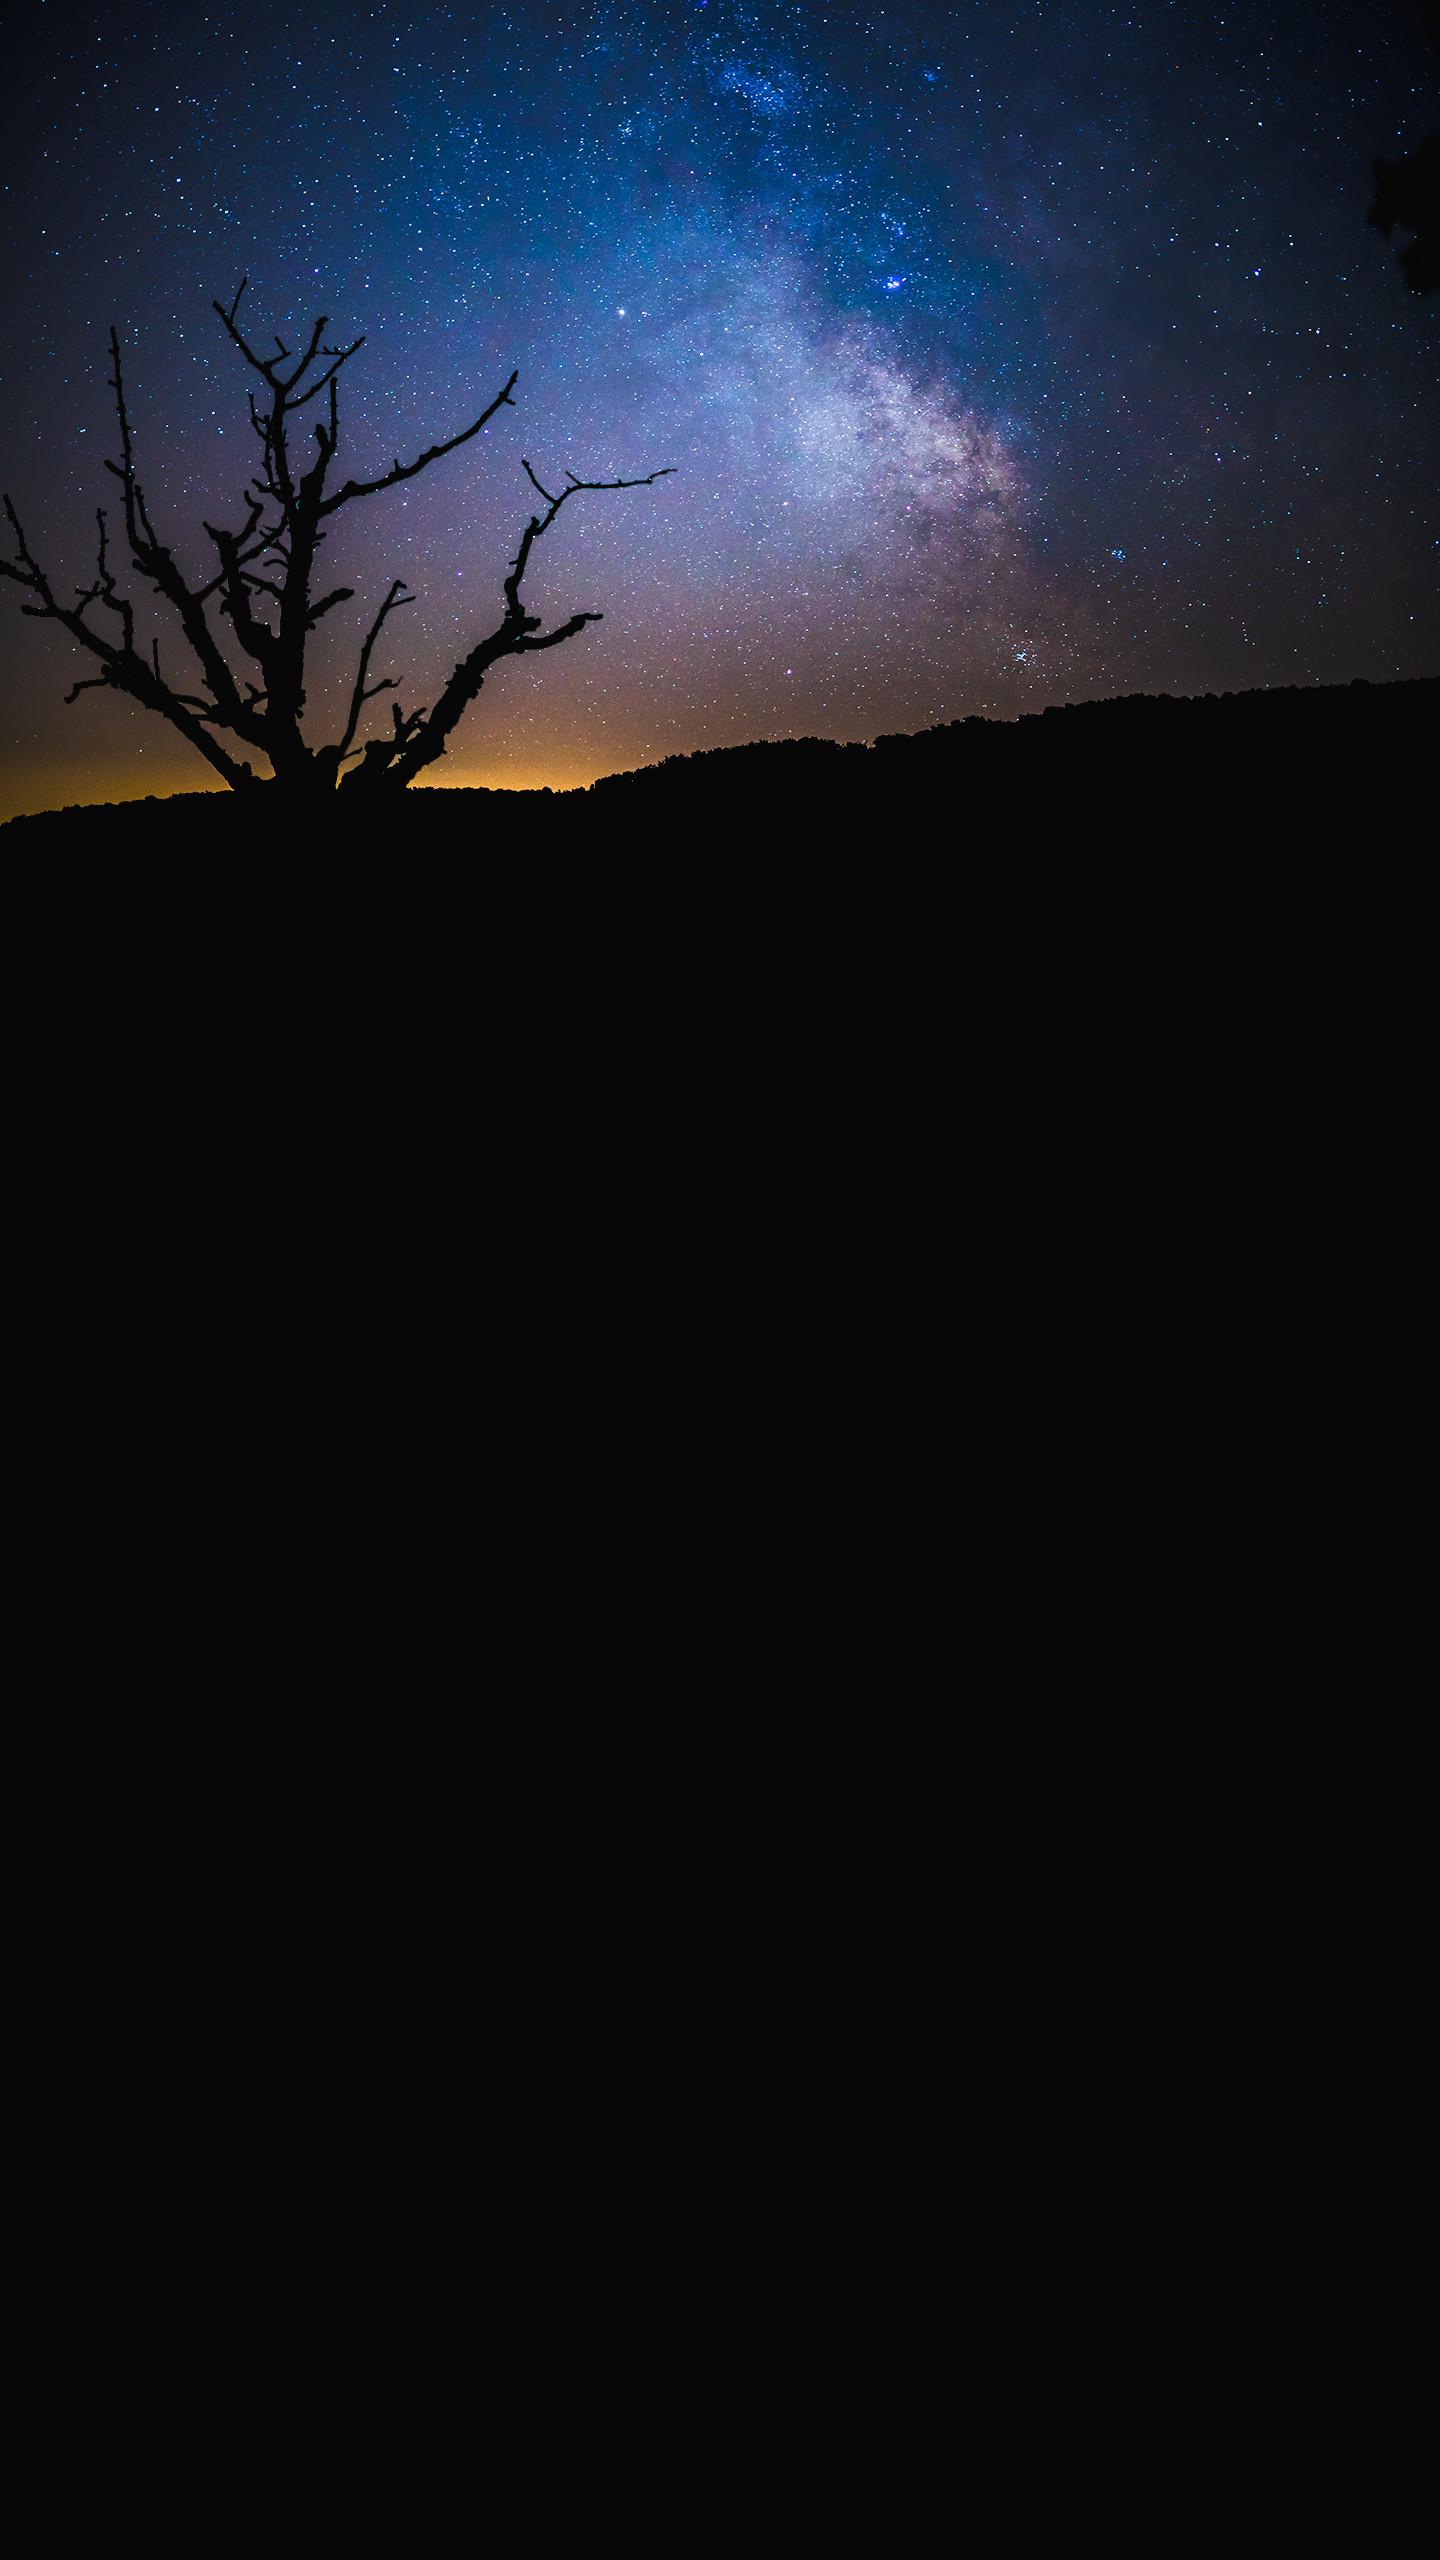 Sfondi notte 54 immagini for Sfondi aurora boreale